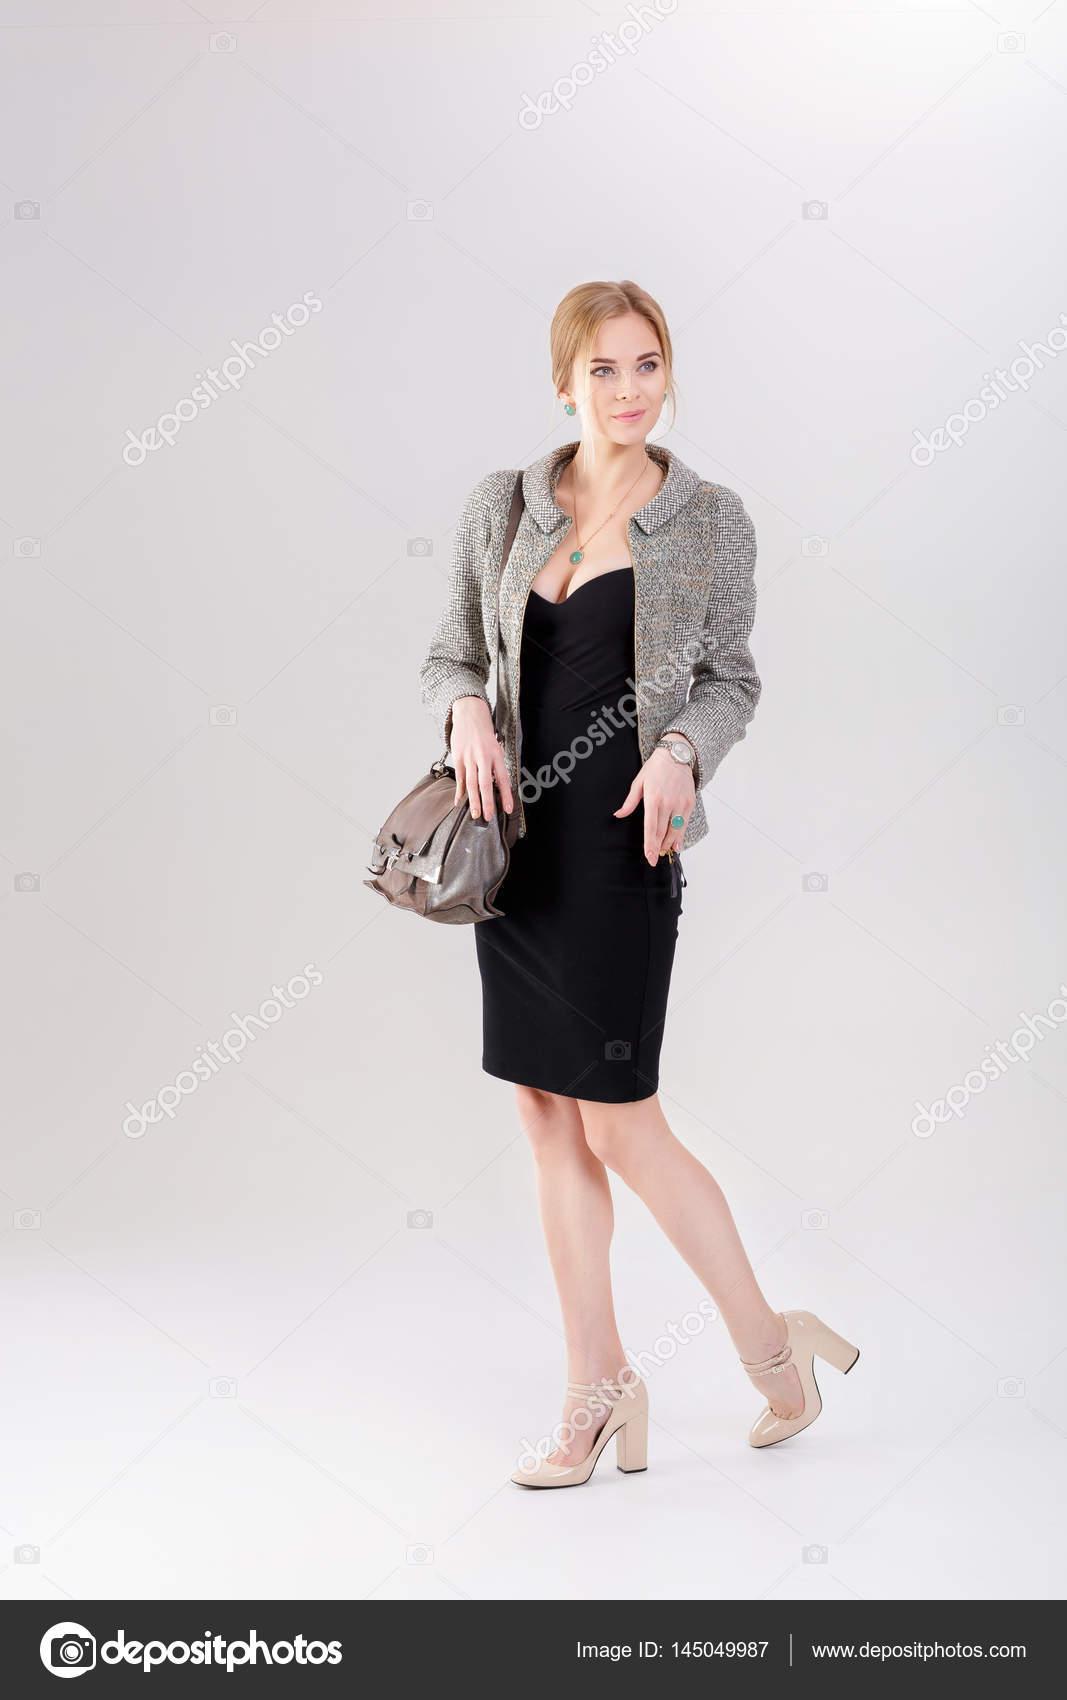 Vestido negro y chaqueta